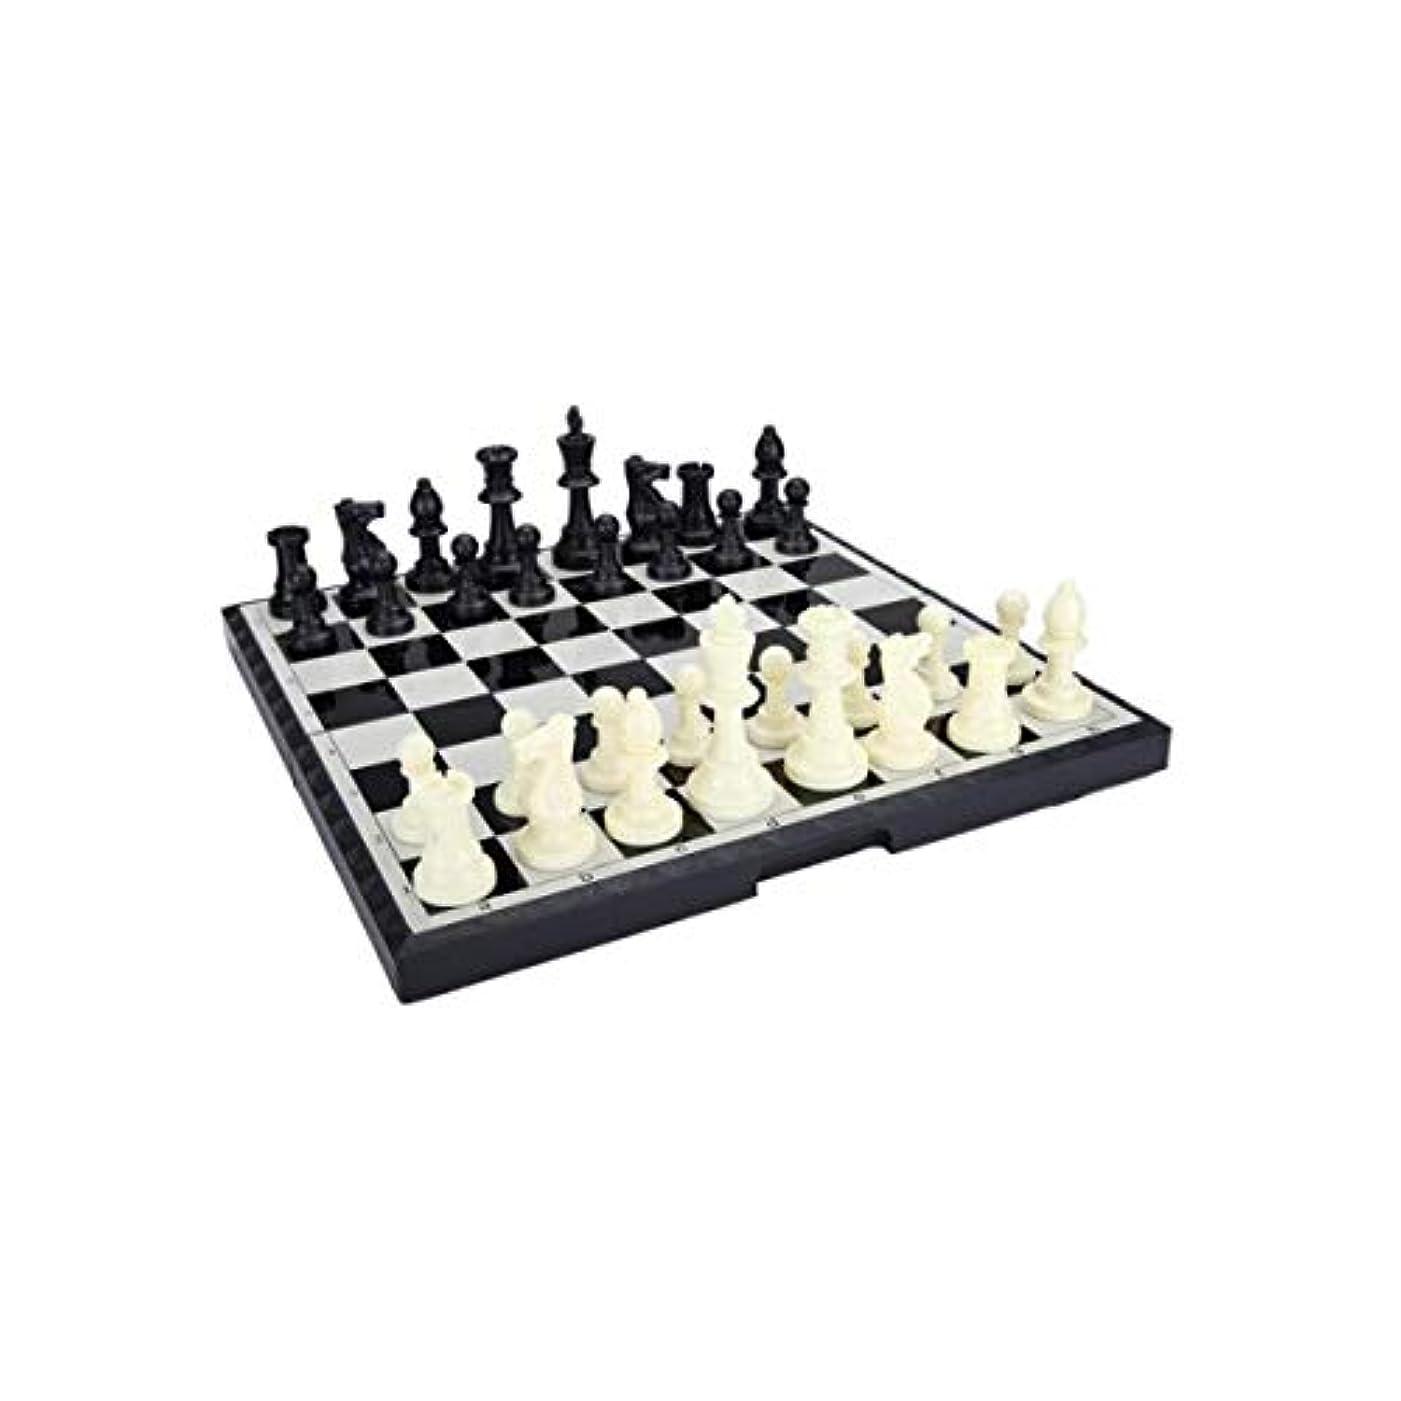 HENGTONGTONGXUN チェス インターナショナル チェス ポータブル 折りたたみ式 磁気ボード B-9 L (カラー:ブラック)